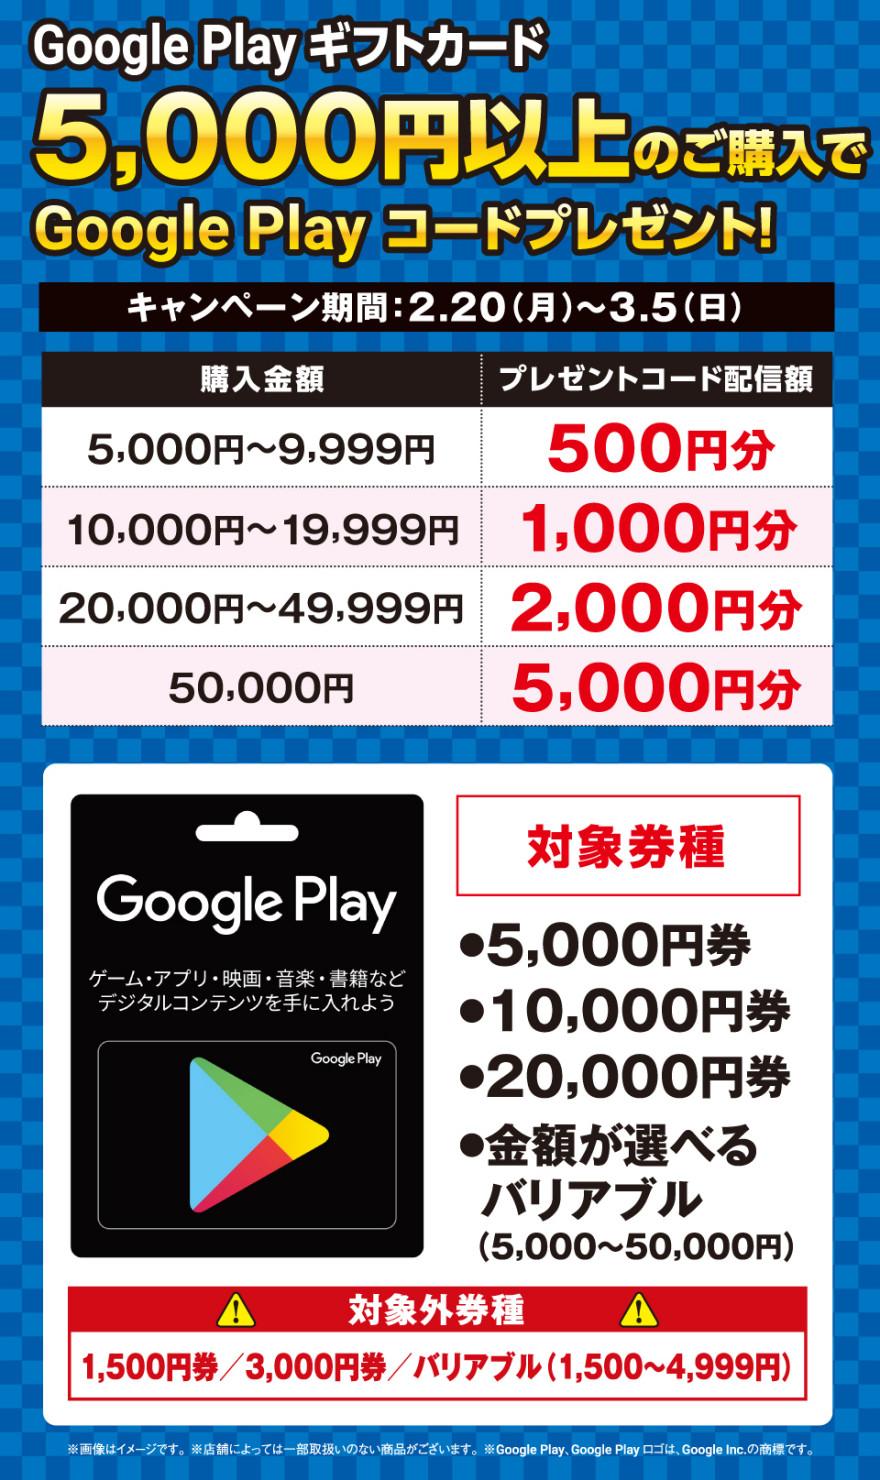 セブン-イレブン Google Play ギフトカードキャンペーン!お知らせ